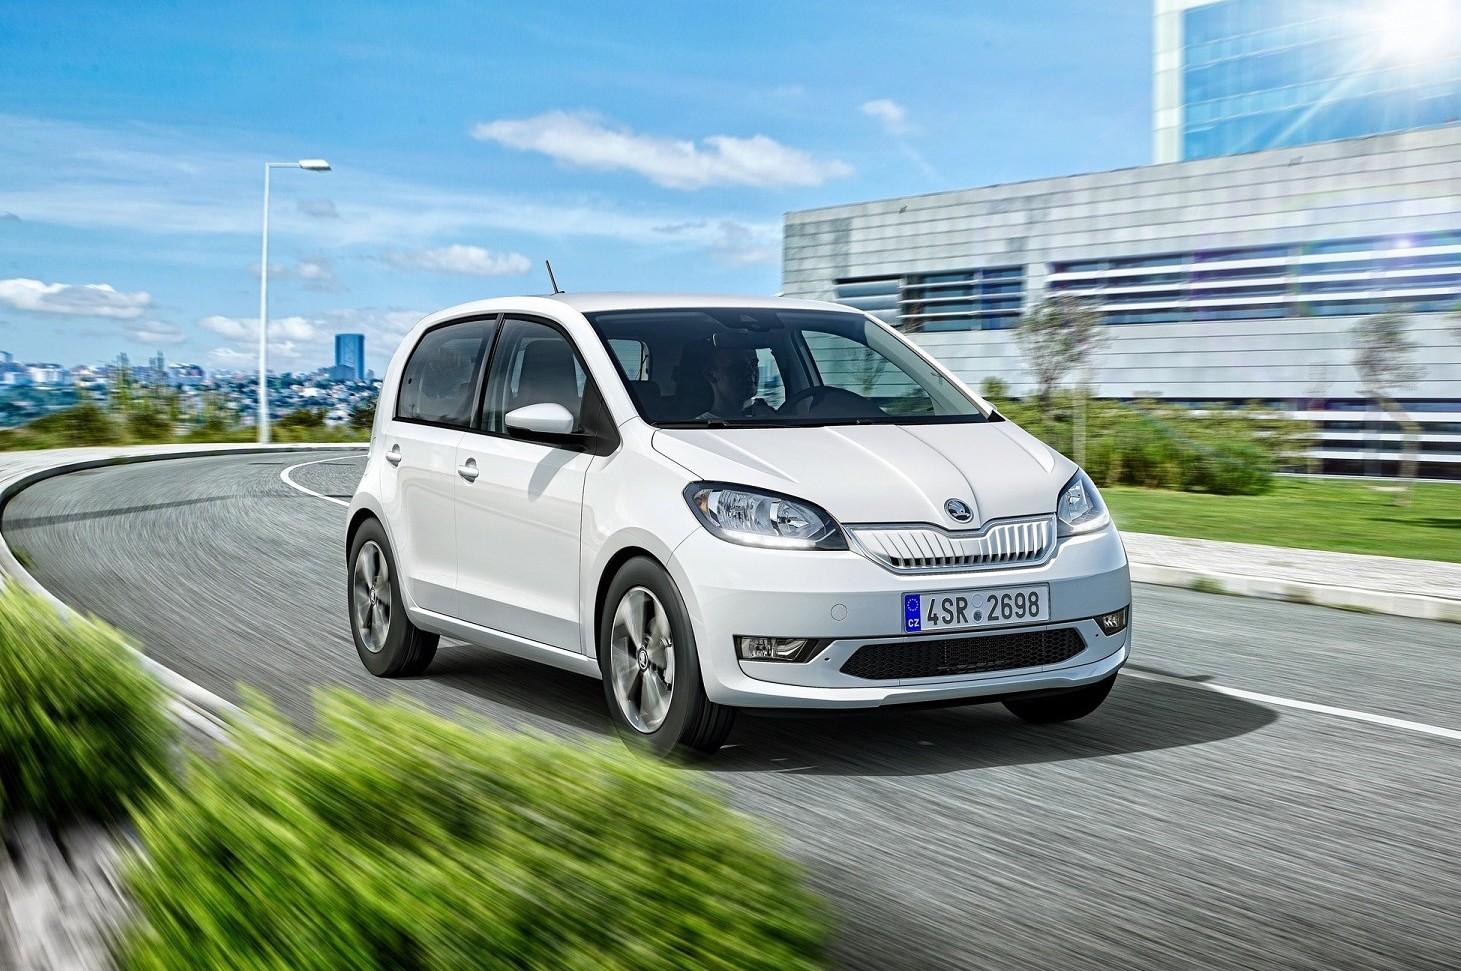 Auto elettrica sotto i 20.000 euro in ve